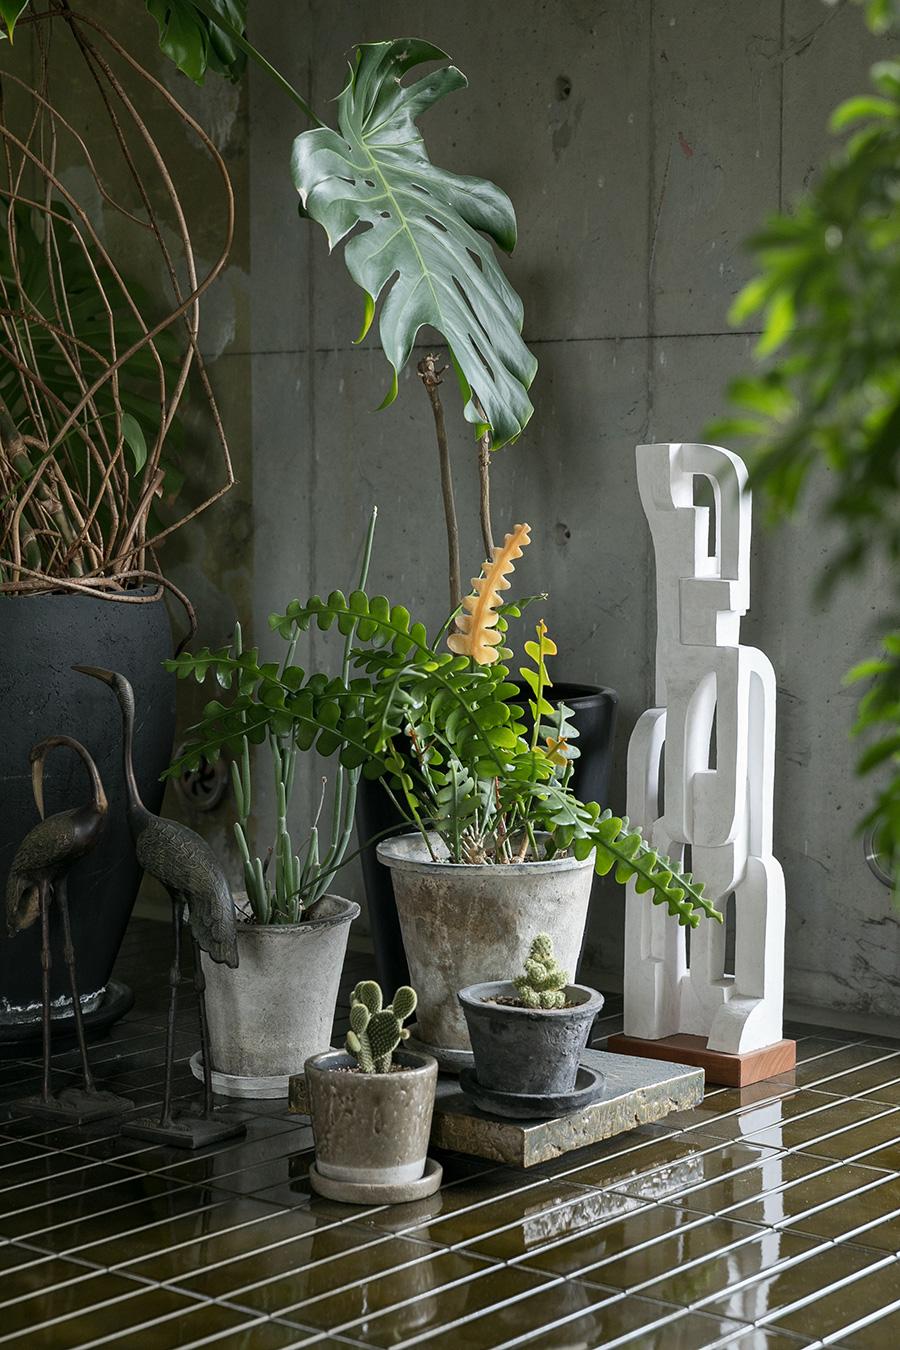 お気に入りの宮崎直人さんの彫刻が、コンクリートやタイル、グリーンとの組み合わせでいい表情に。